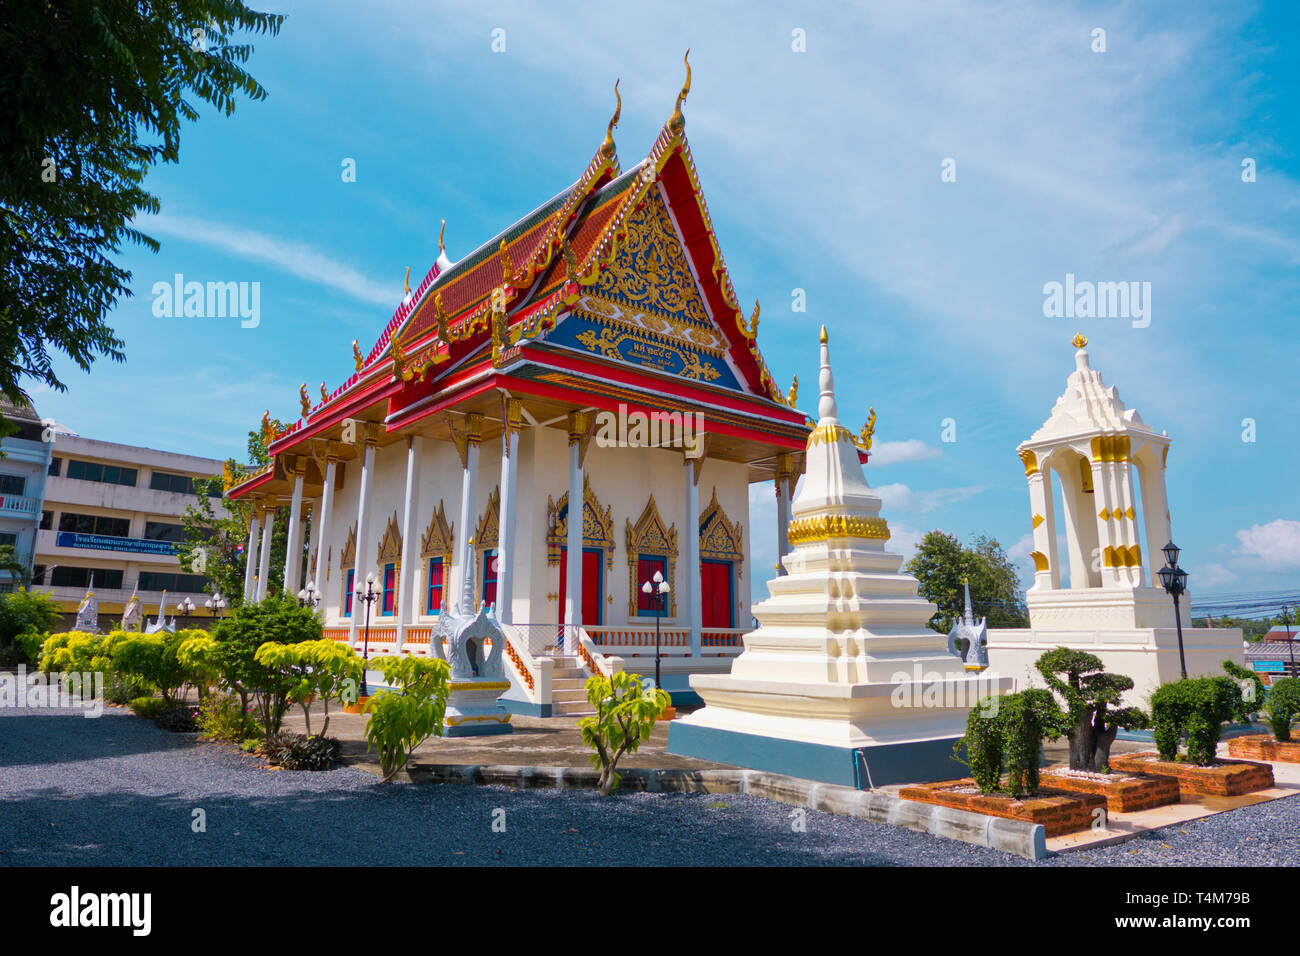 Pagoda, Wat Klang, Surat Thani, Thailand Stock Photo